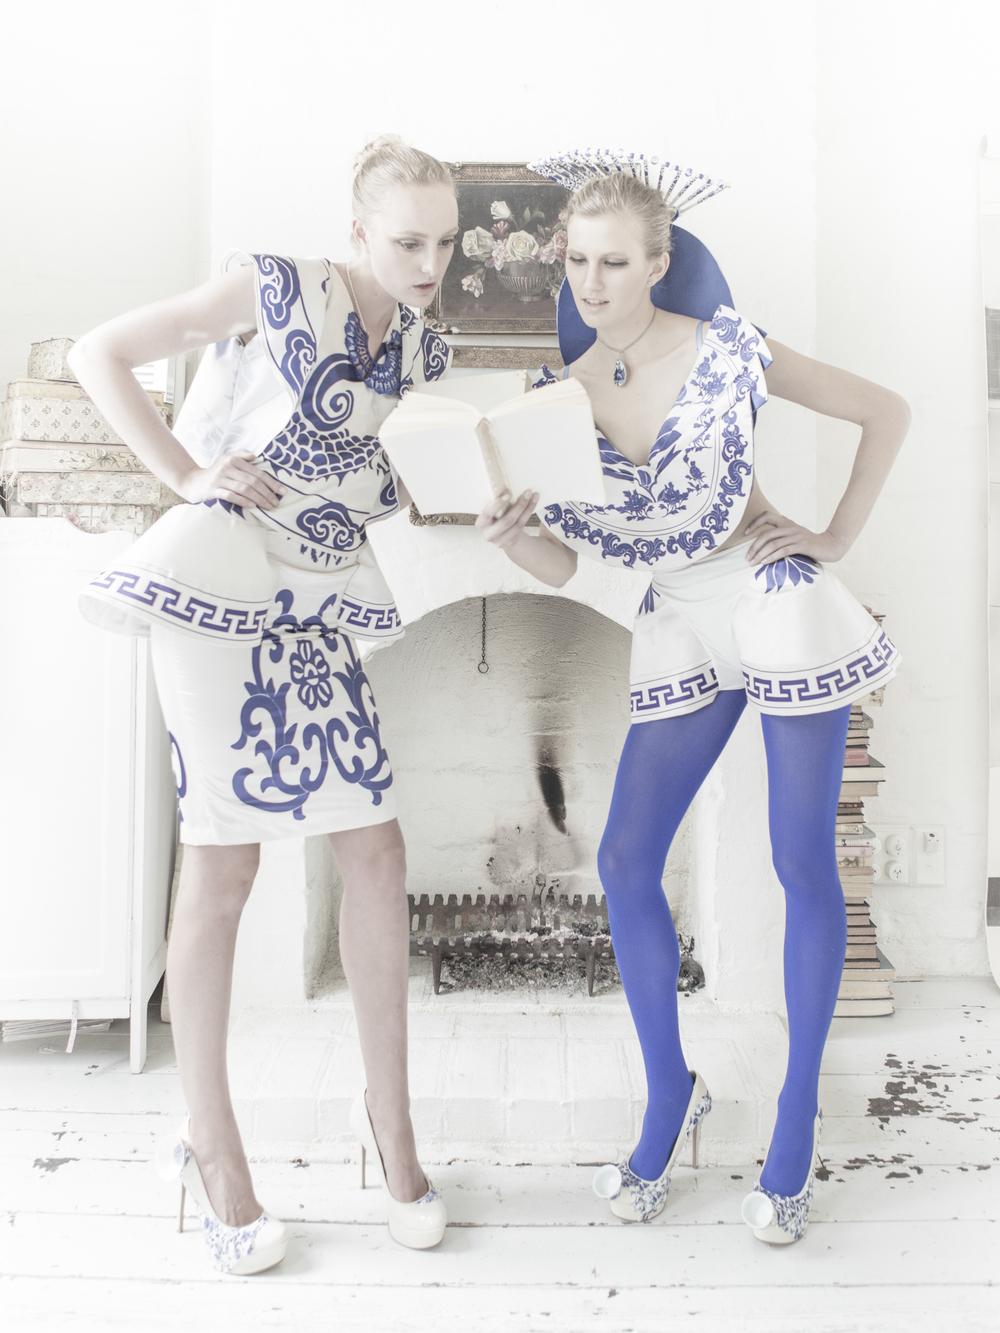 Vikk_Shayen_portfolio_cindyZ_porcelain_wear_9477.jpg